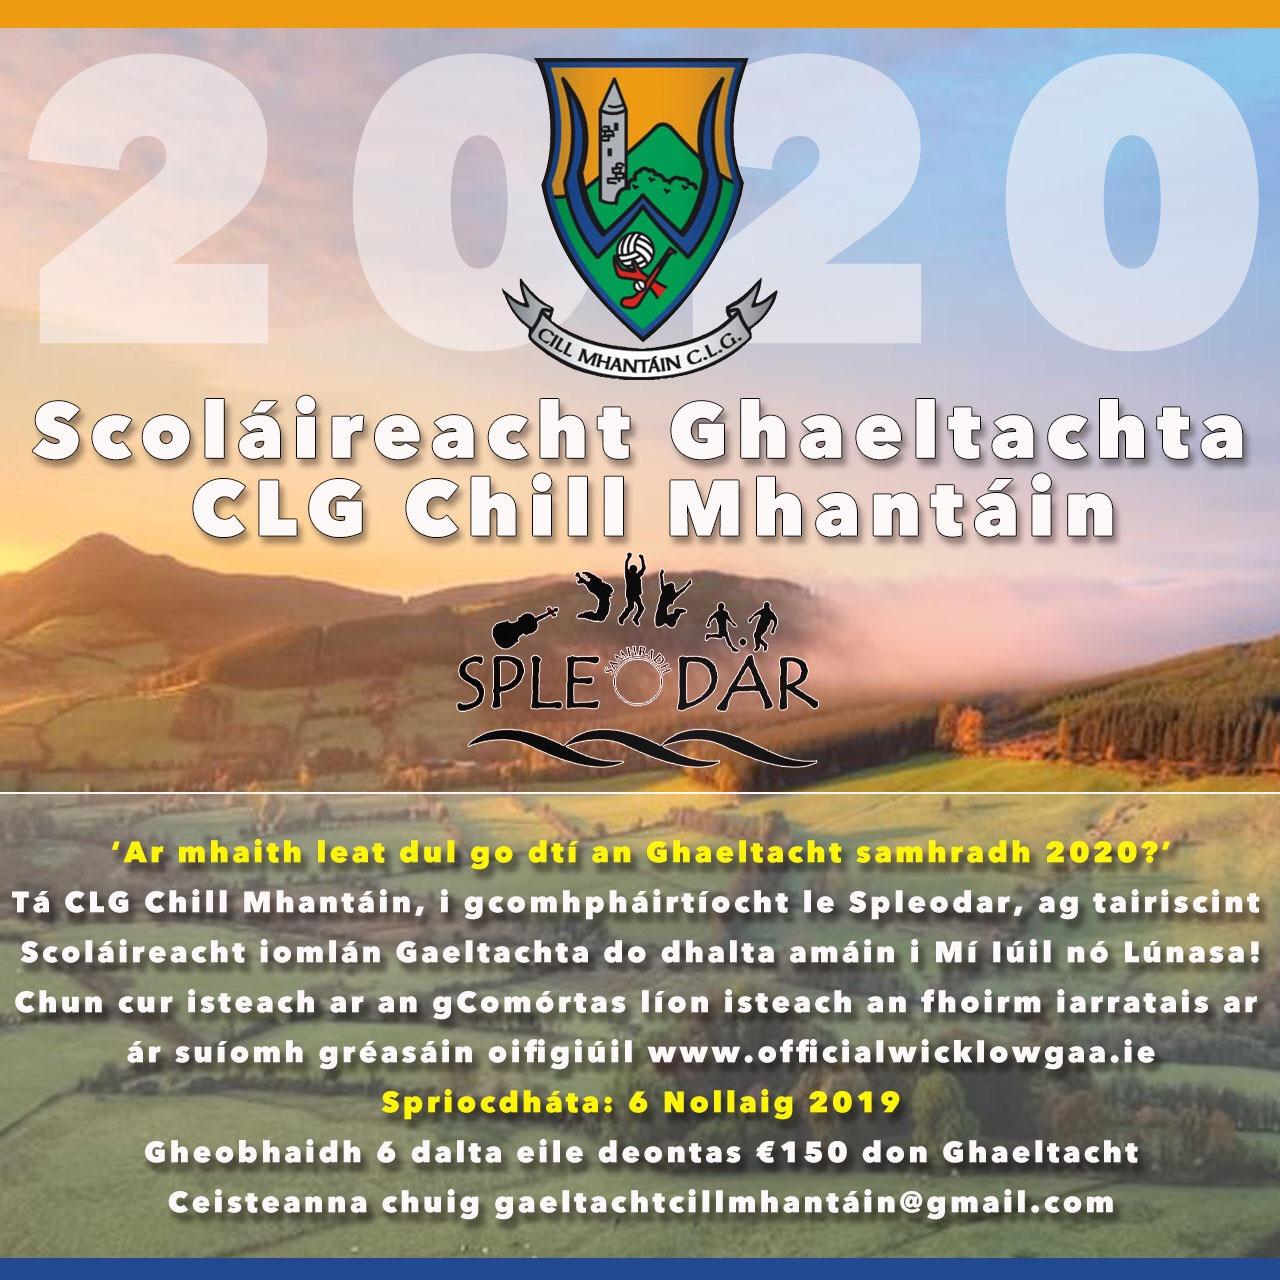 Scoláireacht Ghaeltachta CLG Chill Mhantáin 2020 le Spleodar